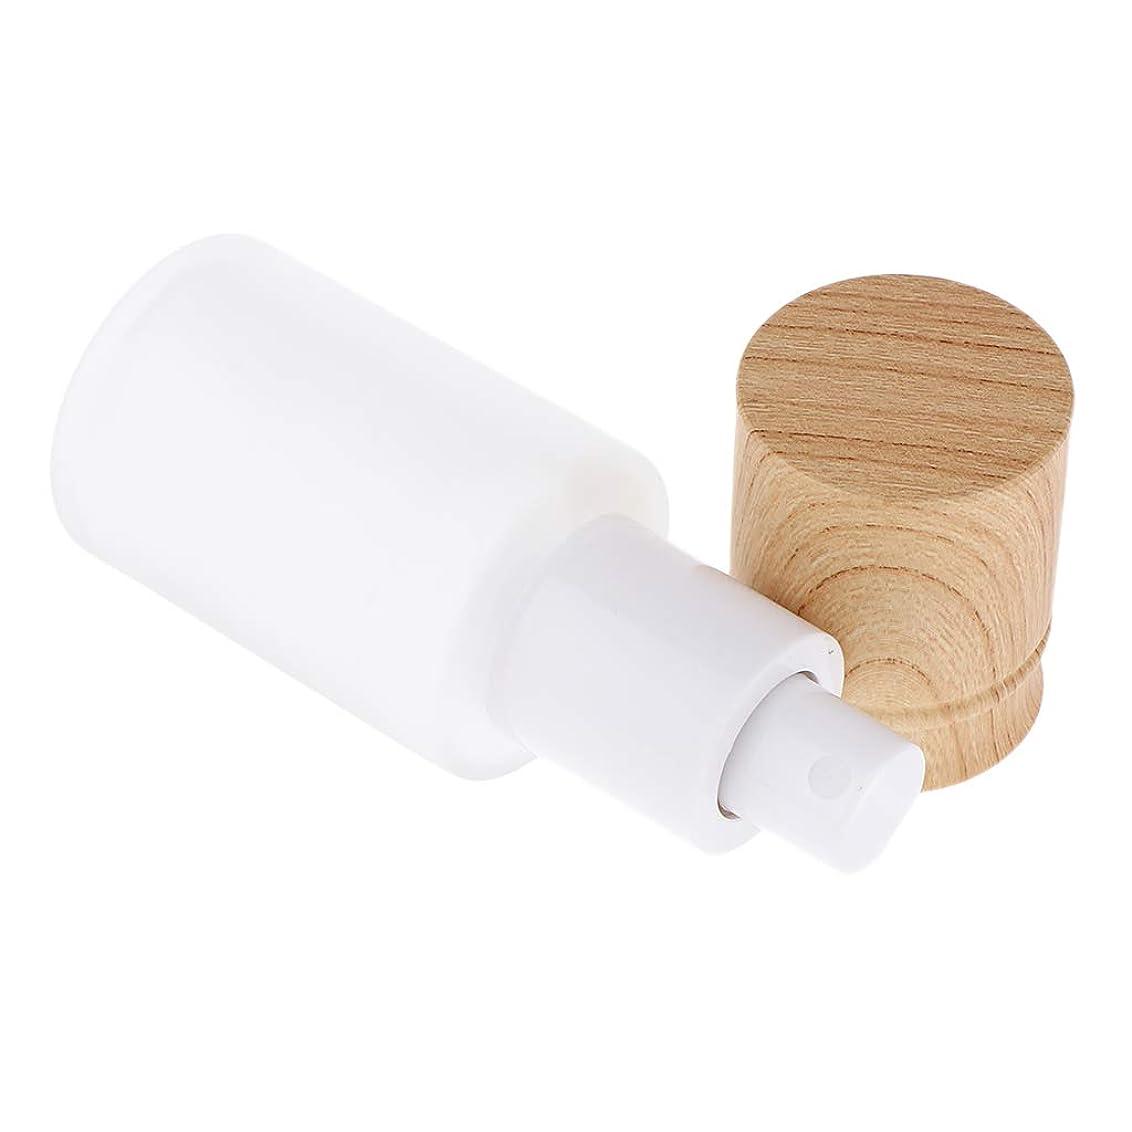 思いやりのある新しい意味説明的gazechimp 空 ガラス瓶 スプレーボトル 香水ボトル 香水アトマイザー 香水瓶 全6サイズ - 30ミリリットル